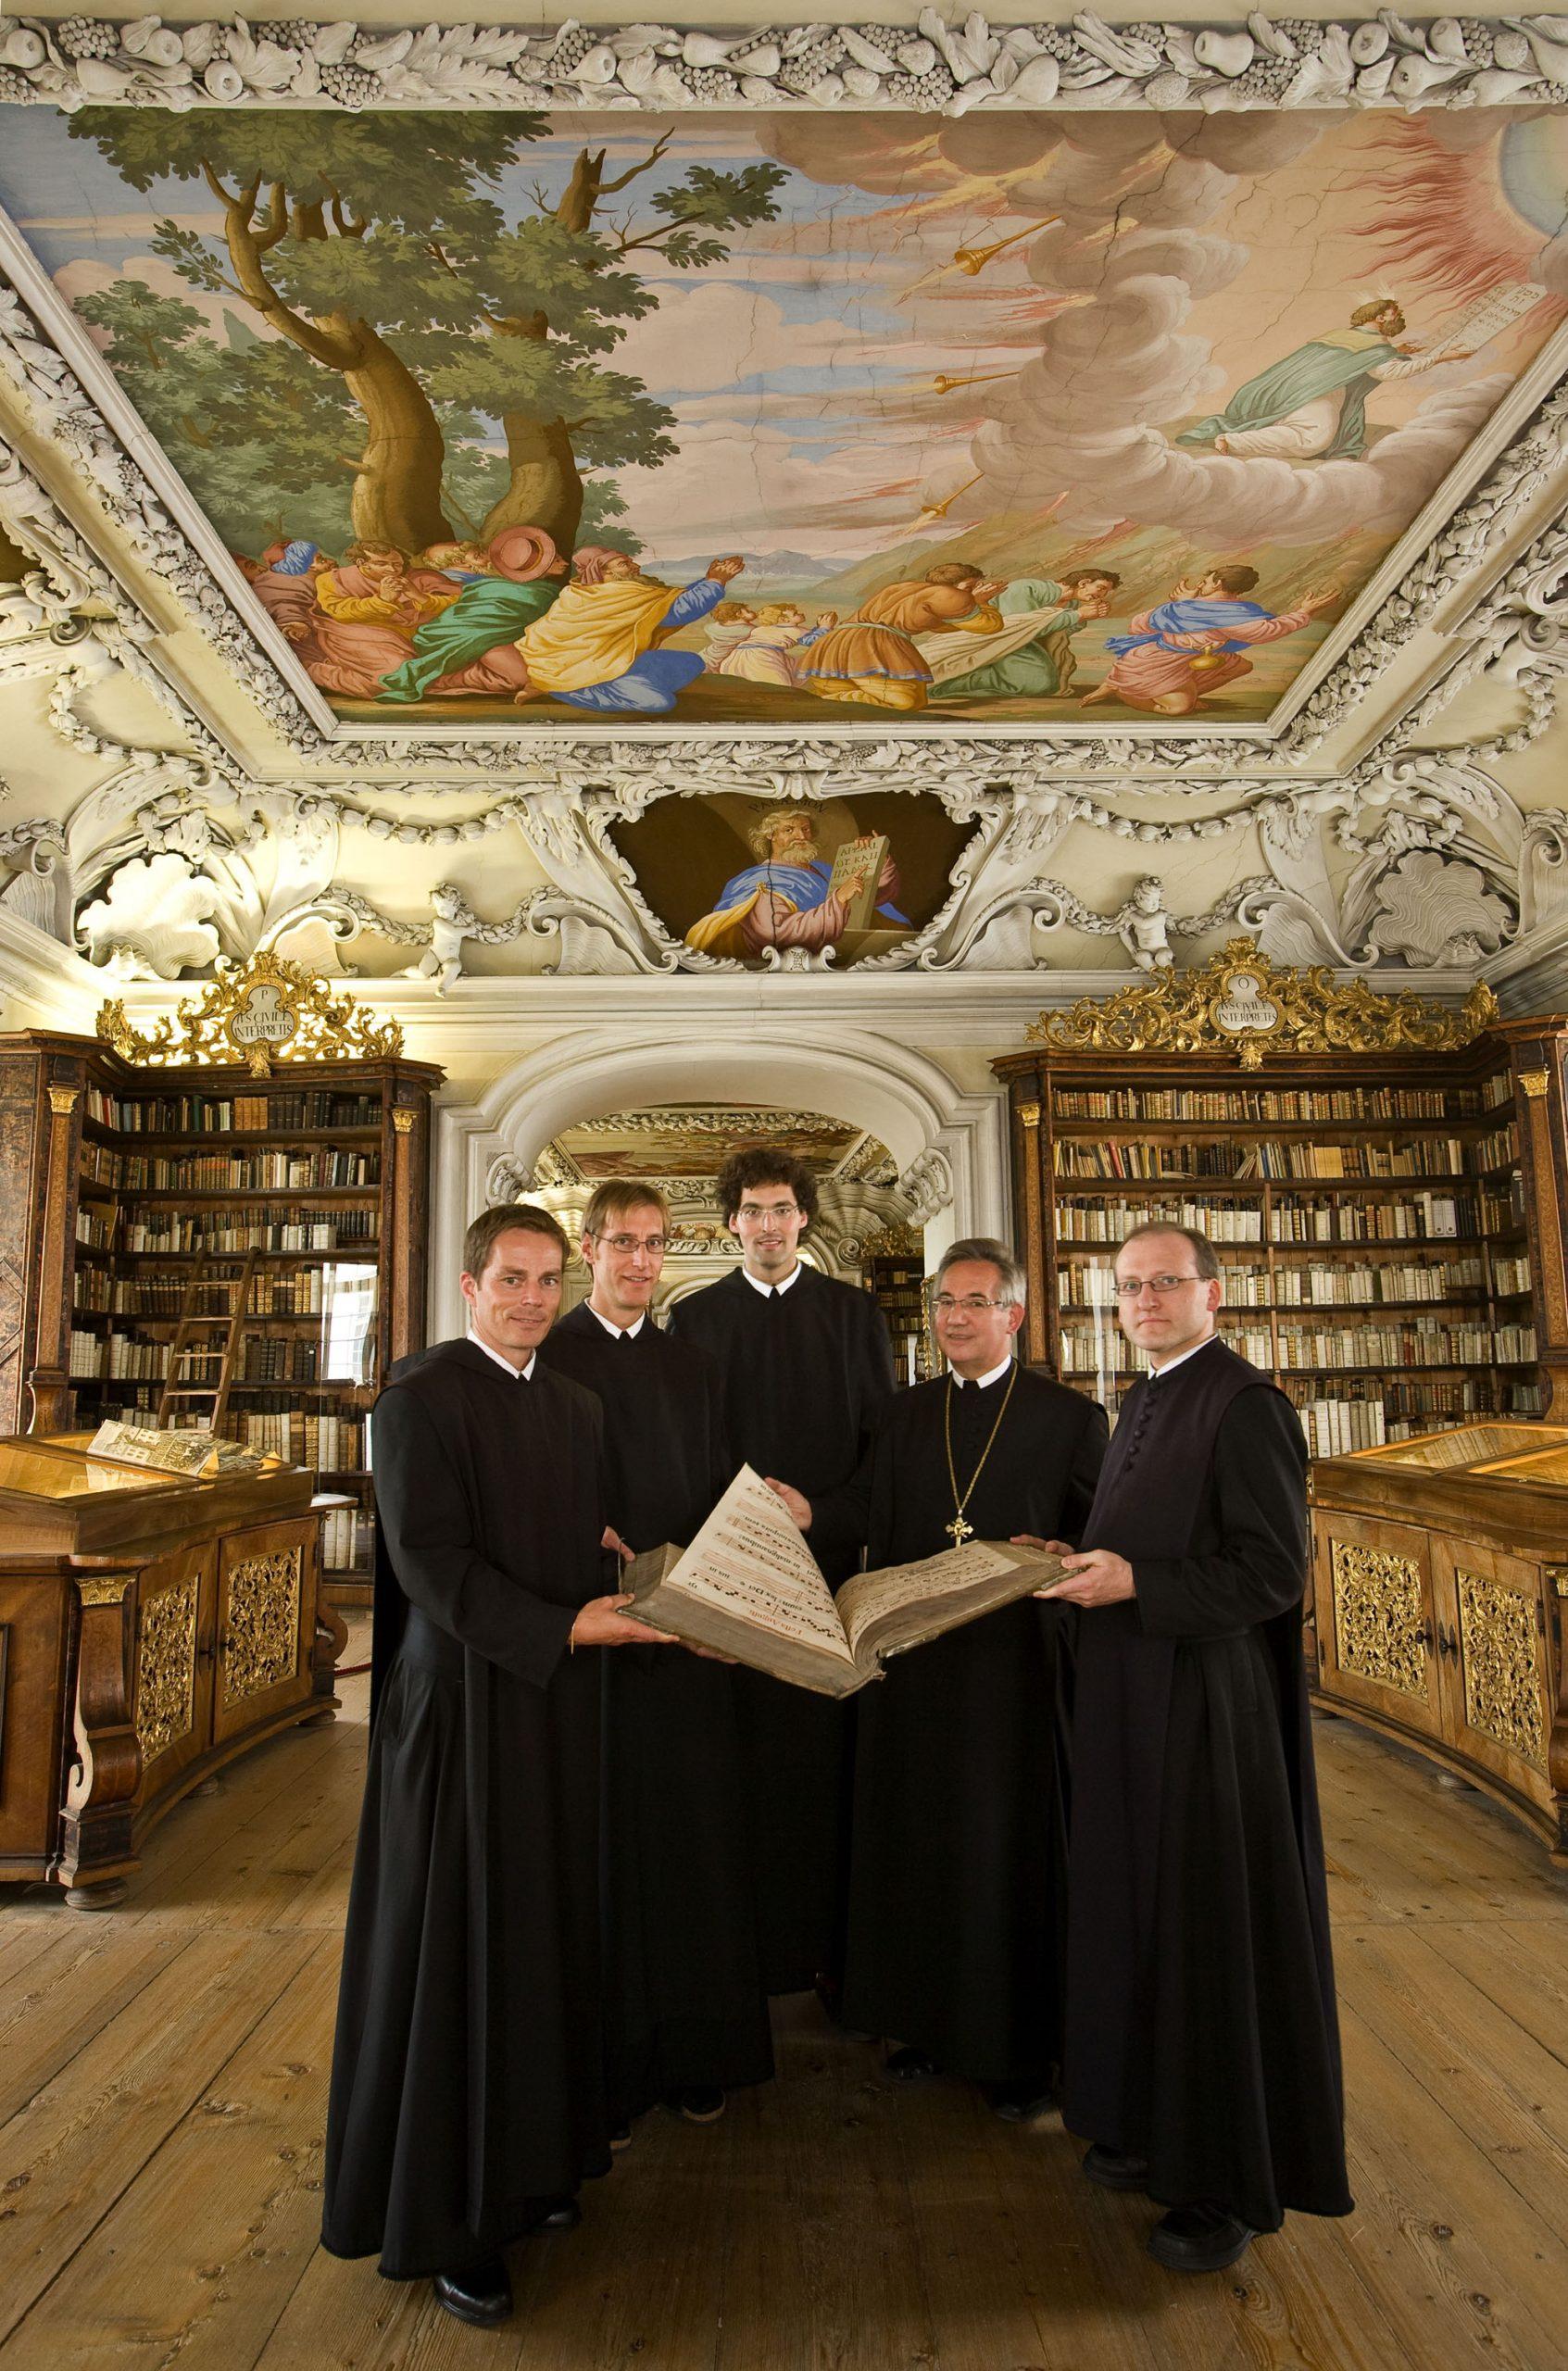 Mönche in der Bibliothek des Stiftes Kremsmünster - Foto: Archiv Stift Kremsmünster